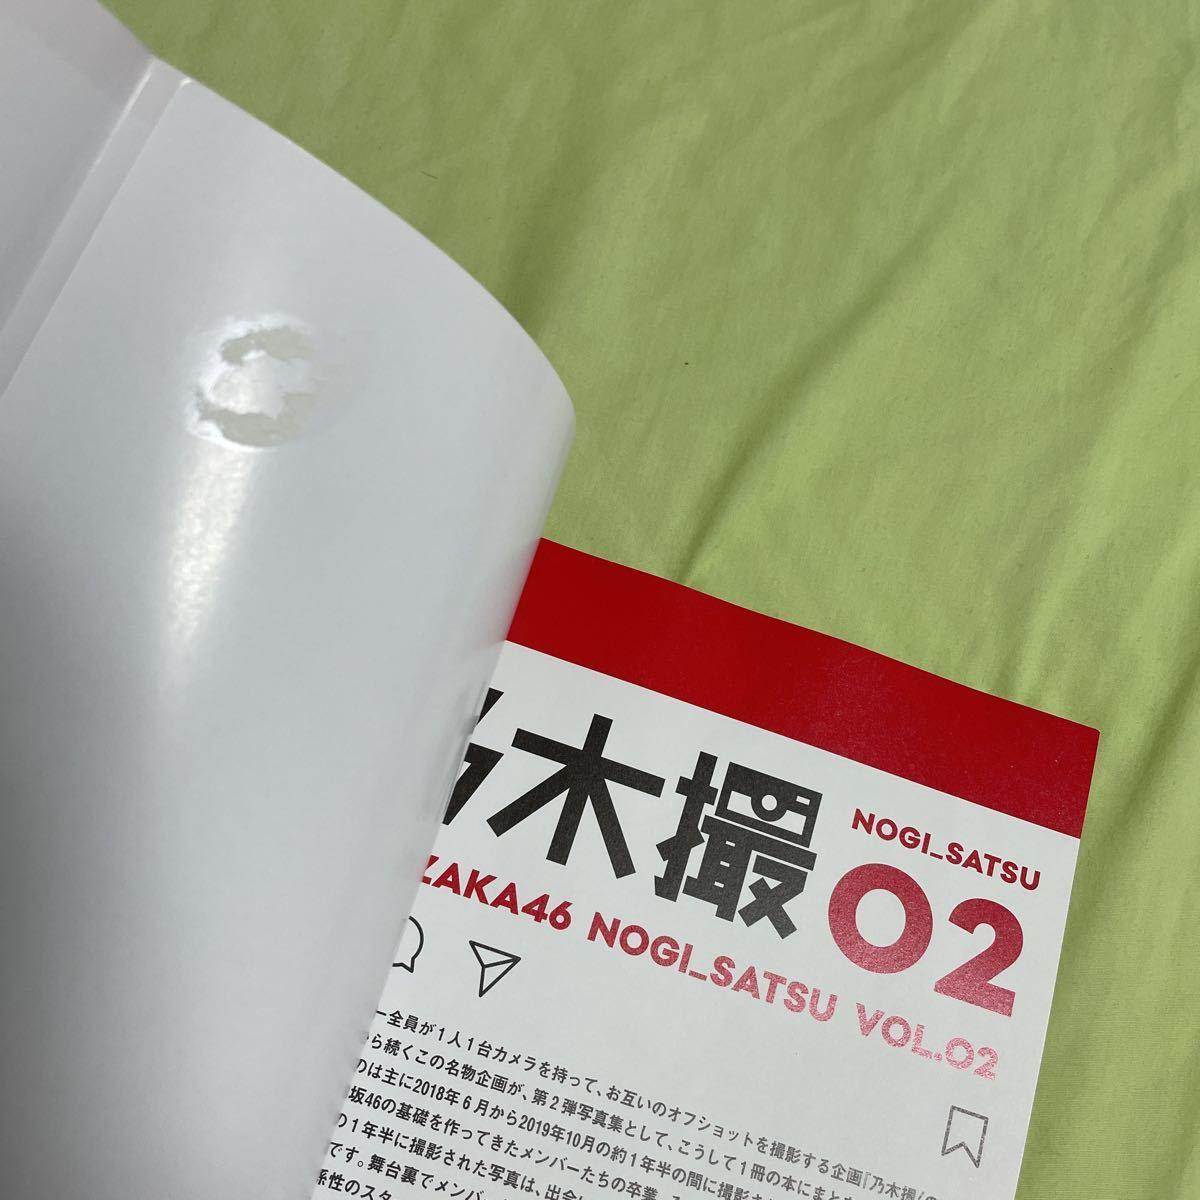 乃木坂46 乃木撮vol.1 Vol.2  2冊セット